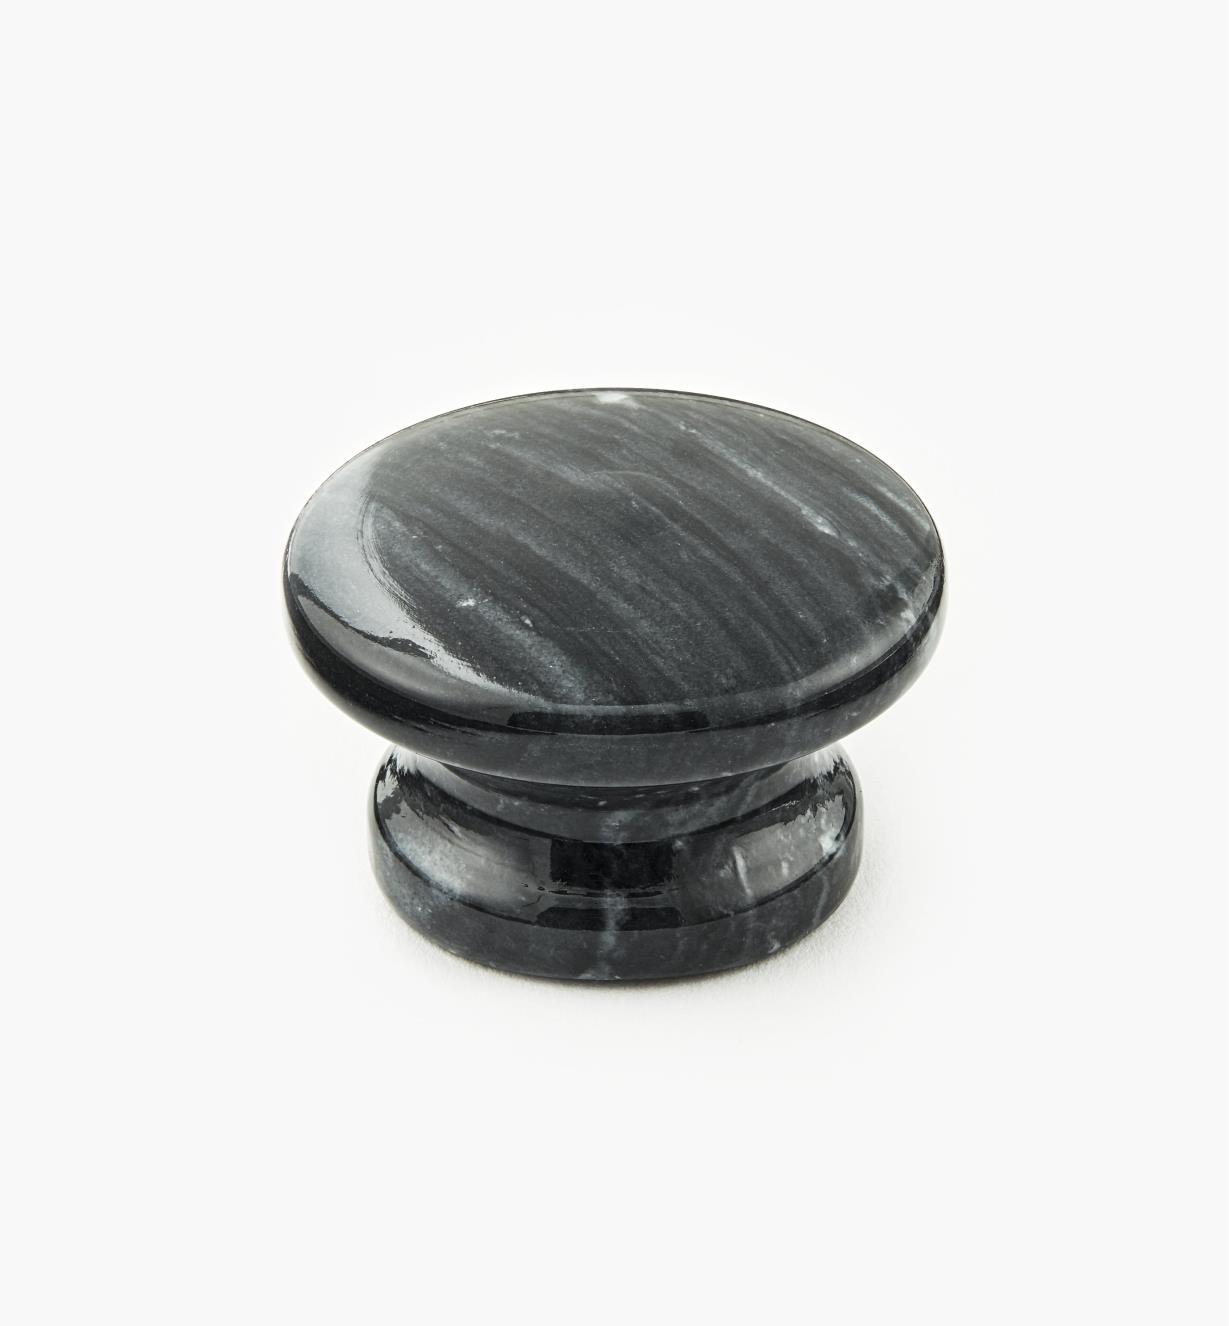 00W4033 - Bouton en marbre, noir, 40 mm x 25 mm